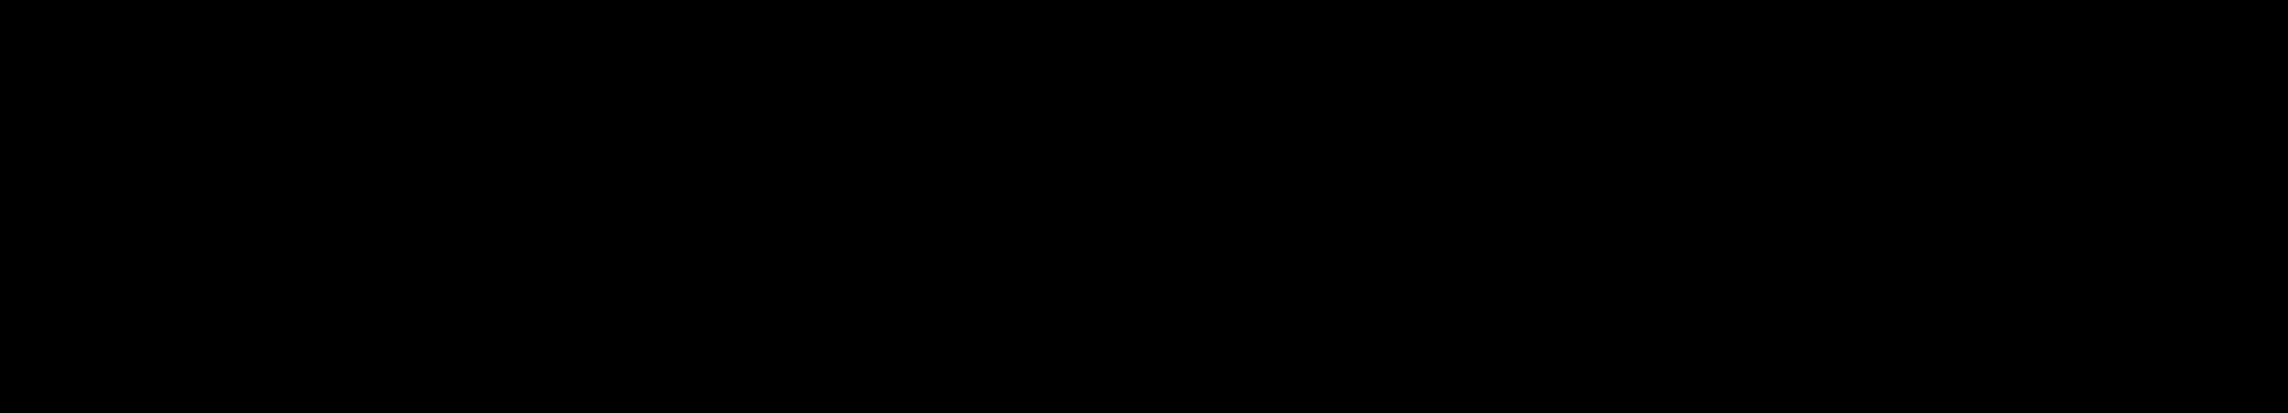 Amobee Logo